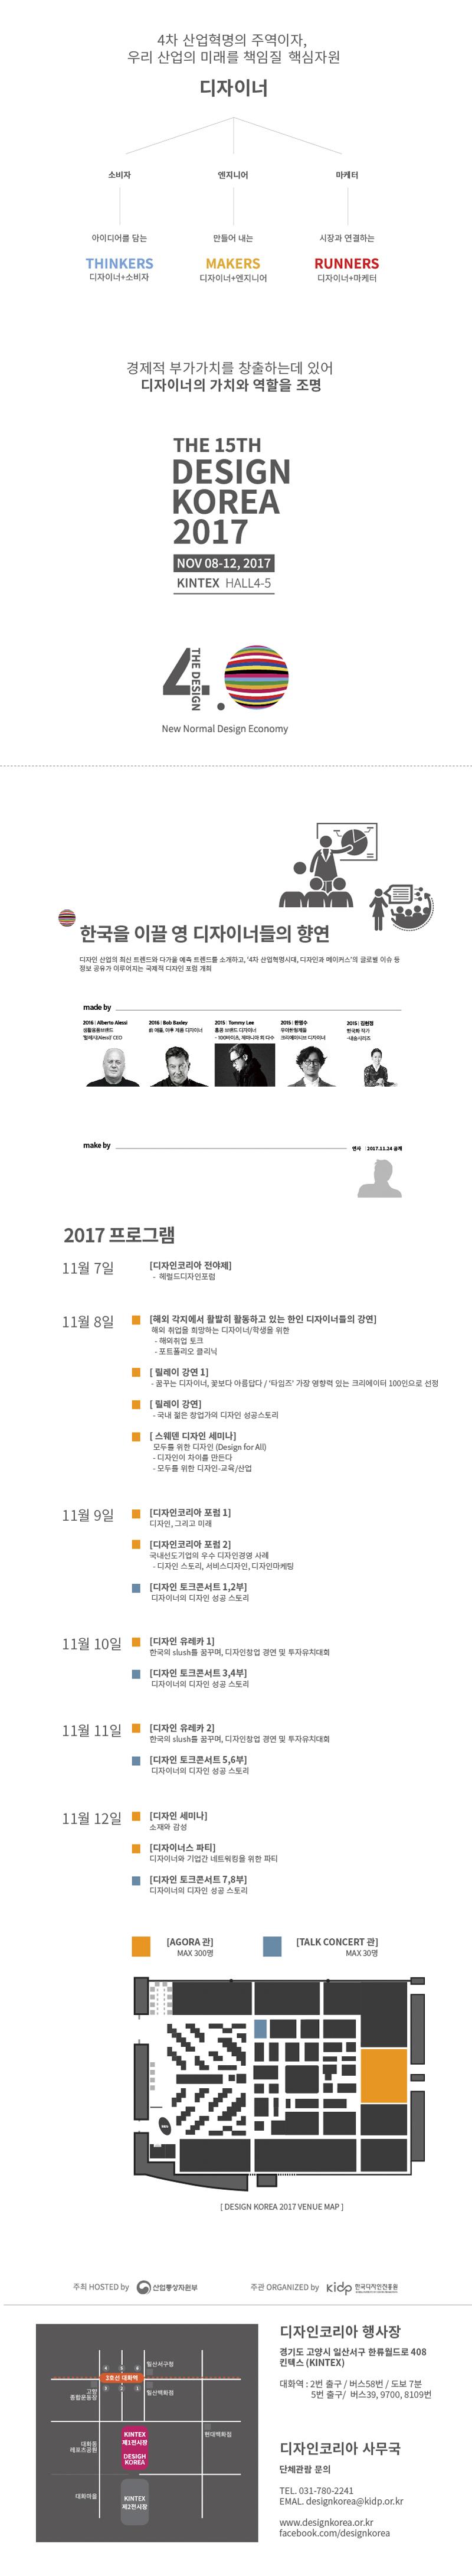 [디자인코리아2017] 한국을 이끌 영 디자이너들의 성공스토리